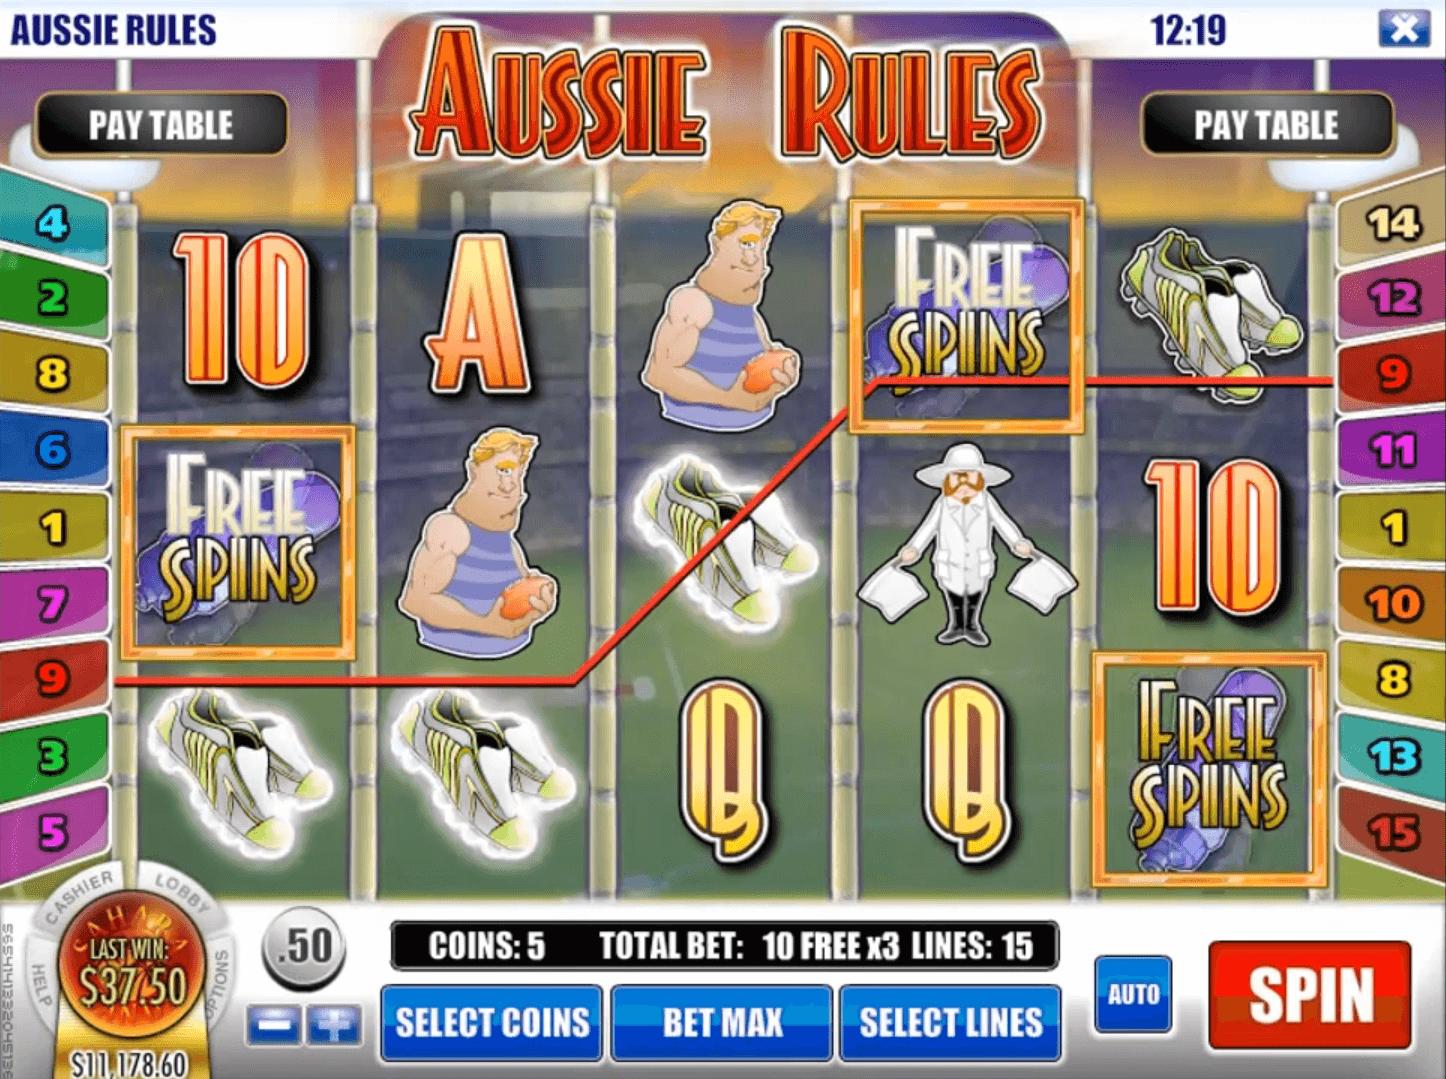 Aussie Video Slots